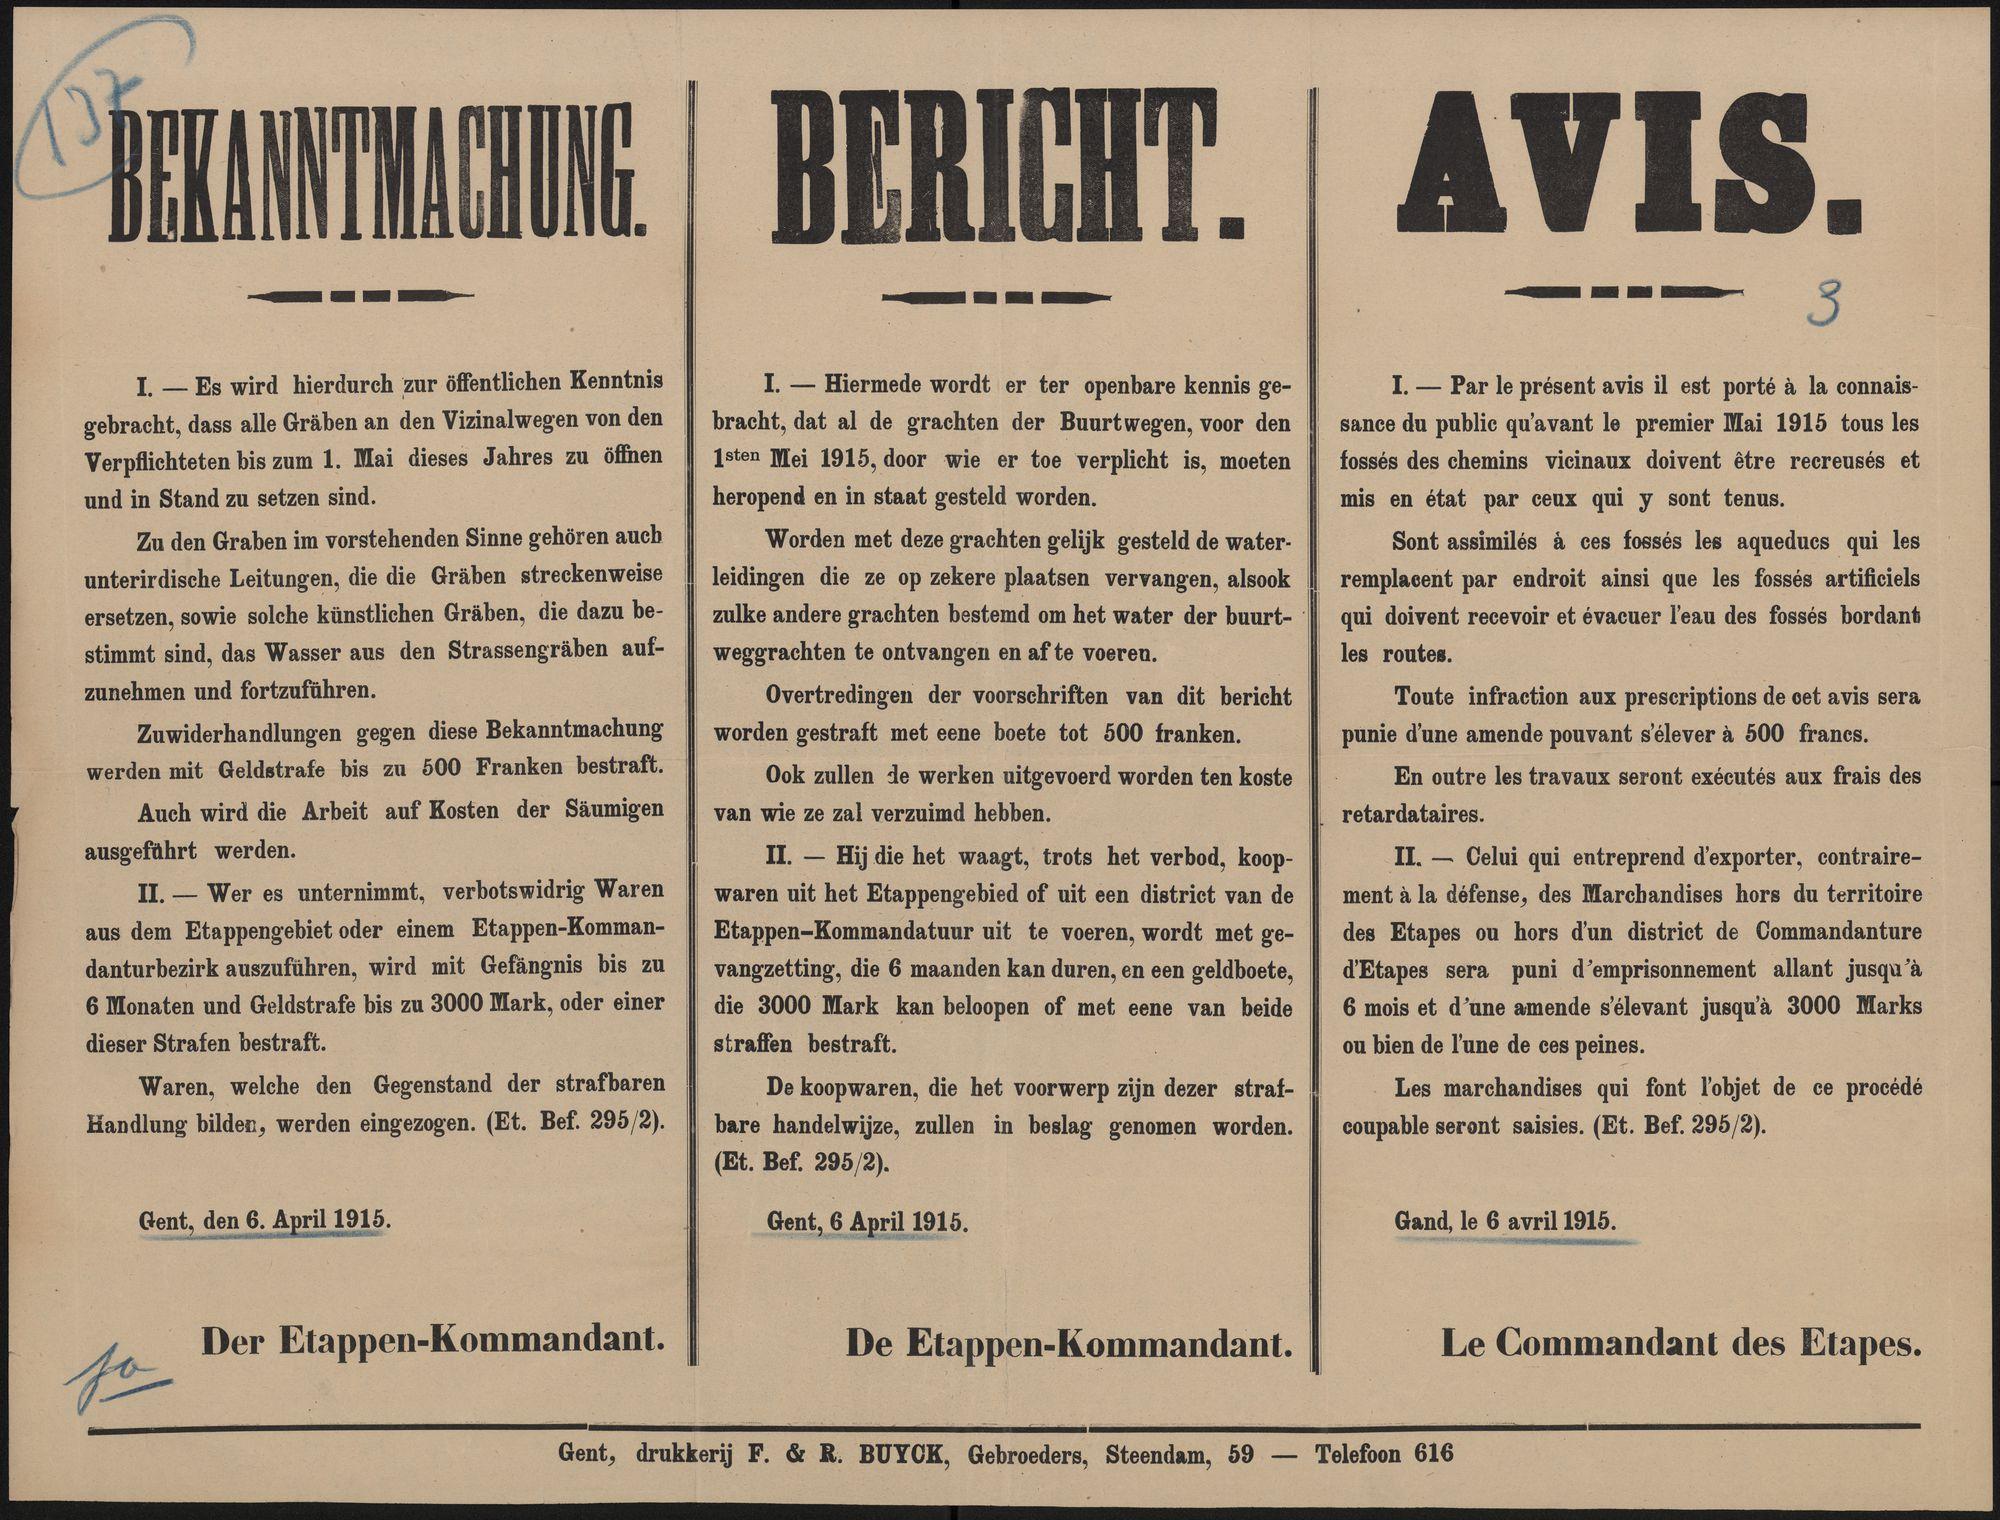 Bekanntmachung   Bericht   Avis.